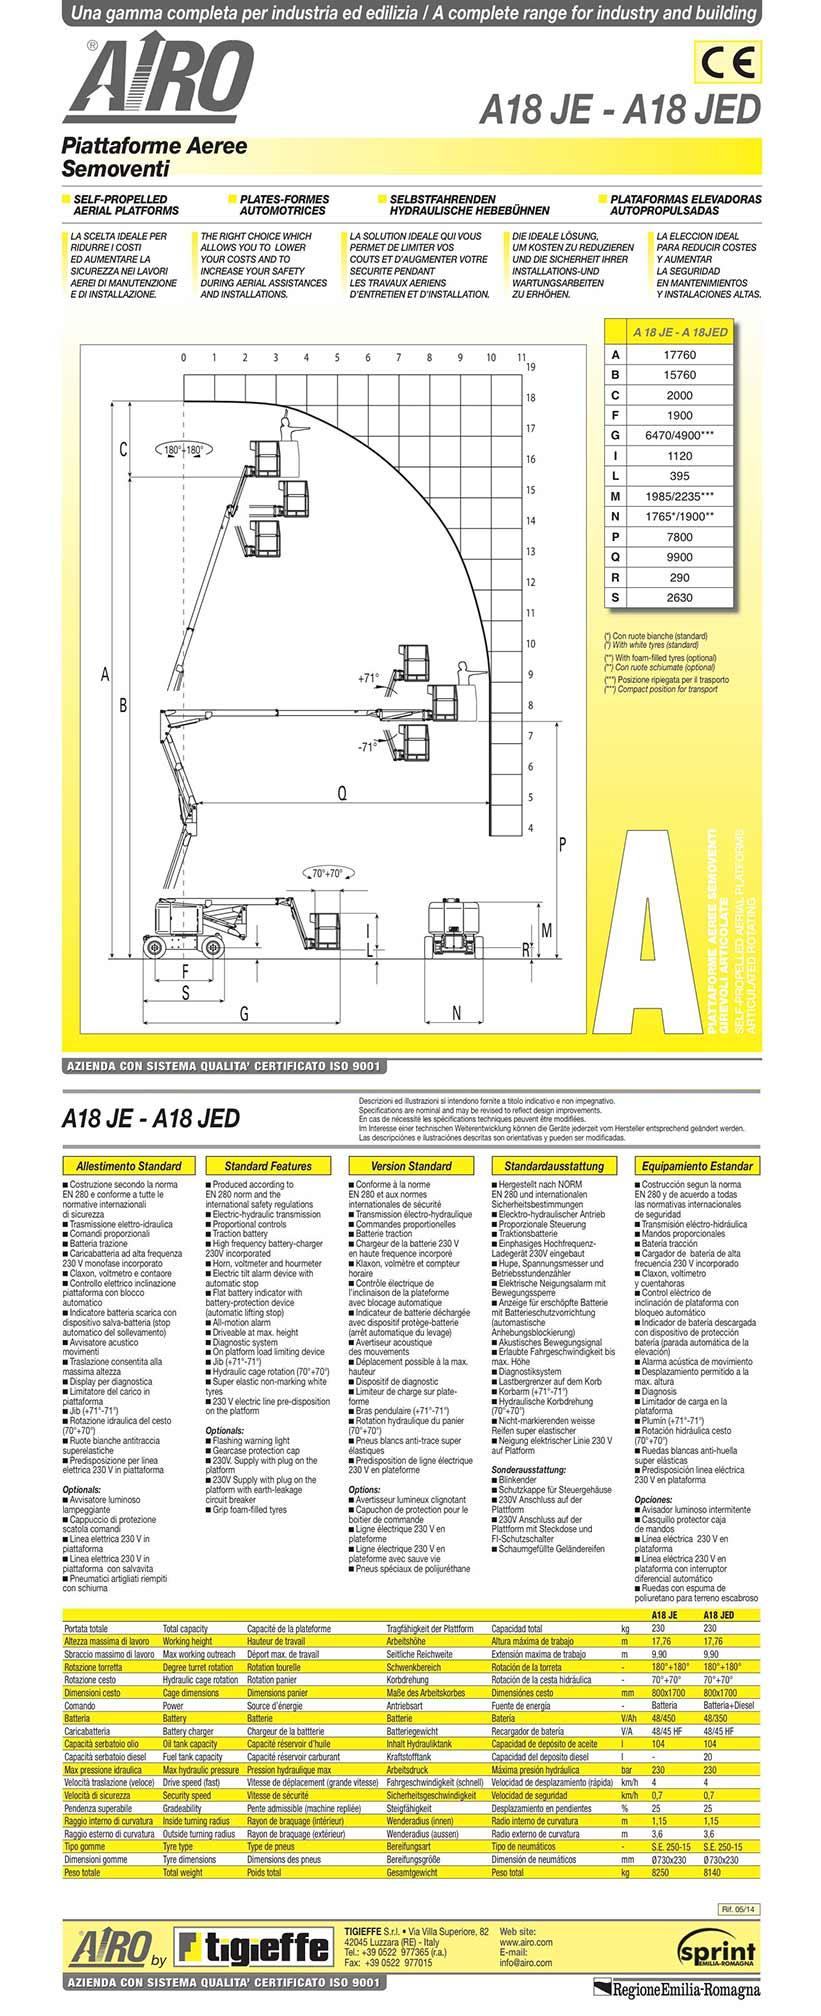 AIRO-A18JE